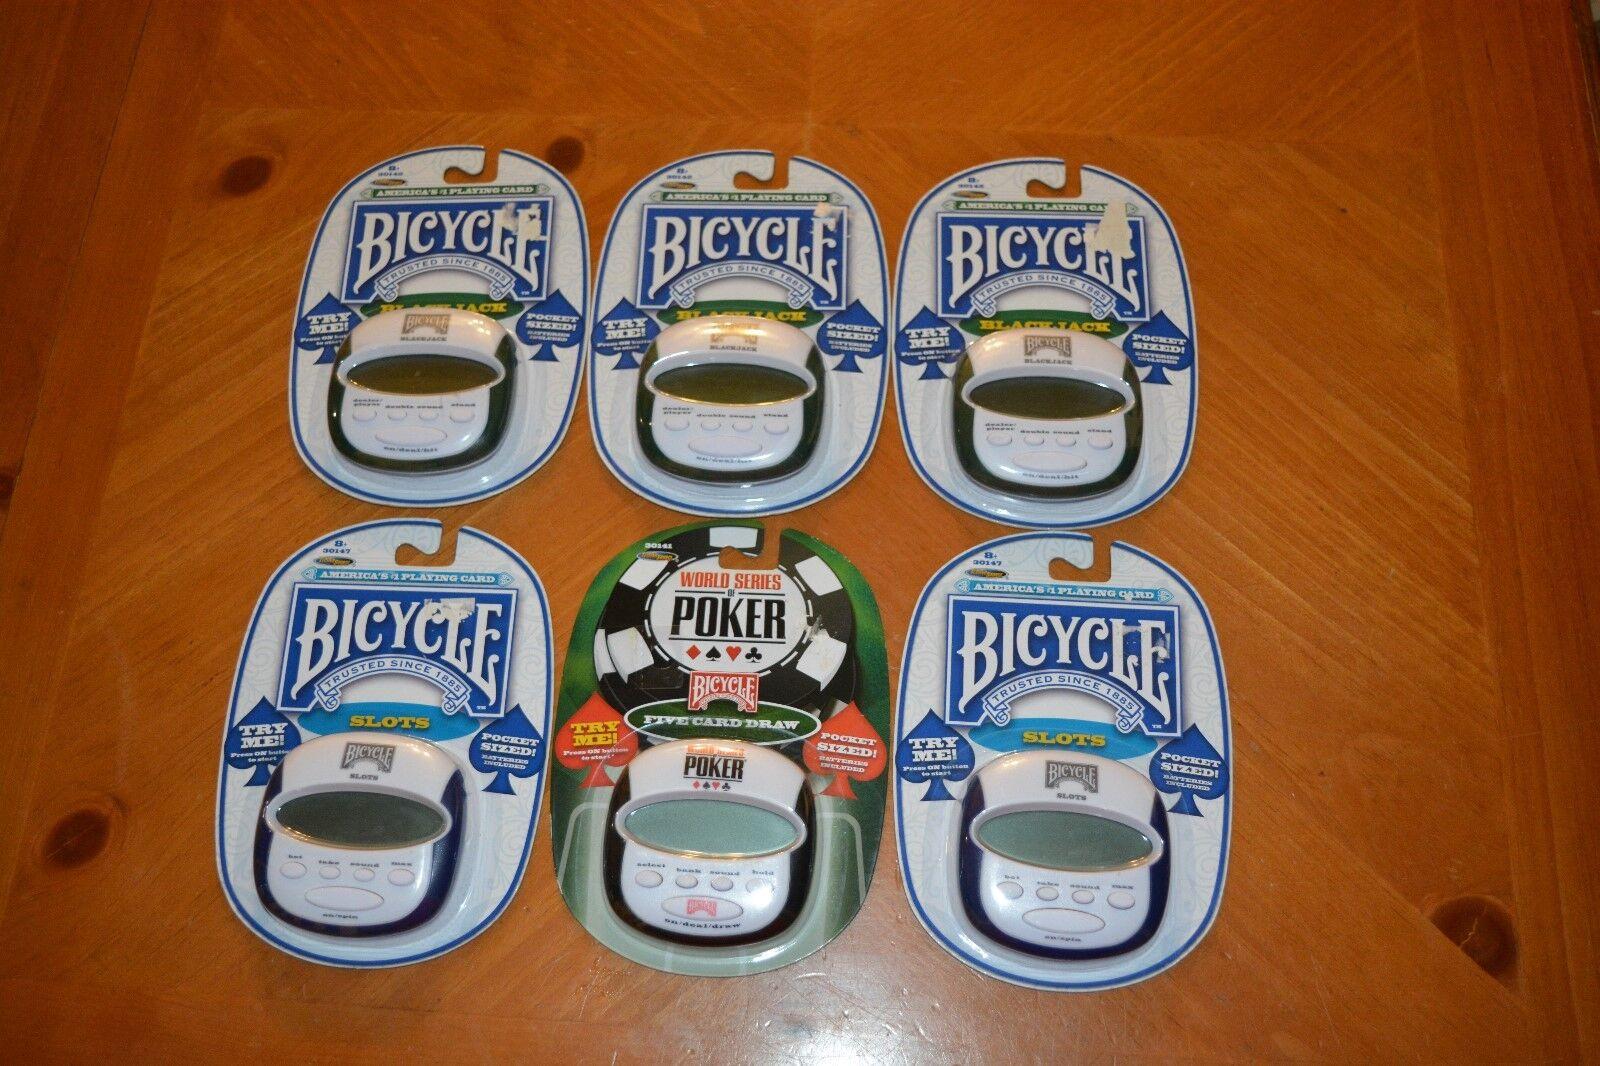 6 nuevo lote de jugando a las Cochetas Bicycle Juegos Electrónicos  negrojack, poker & Ranuras